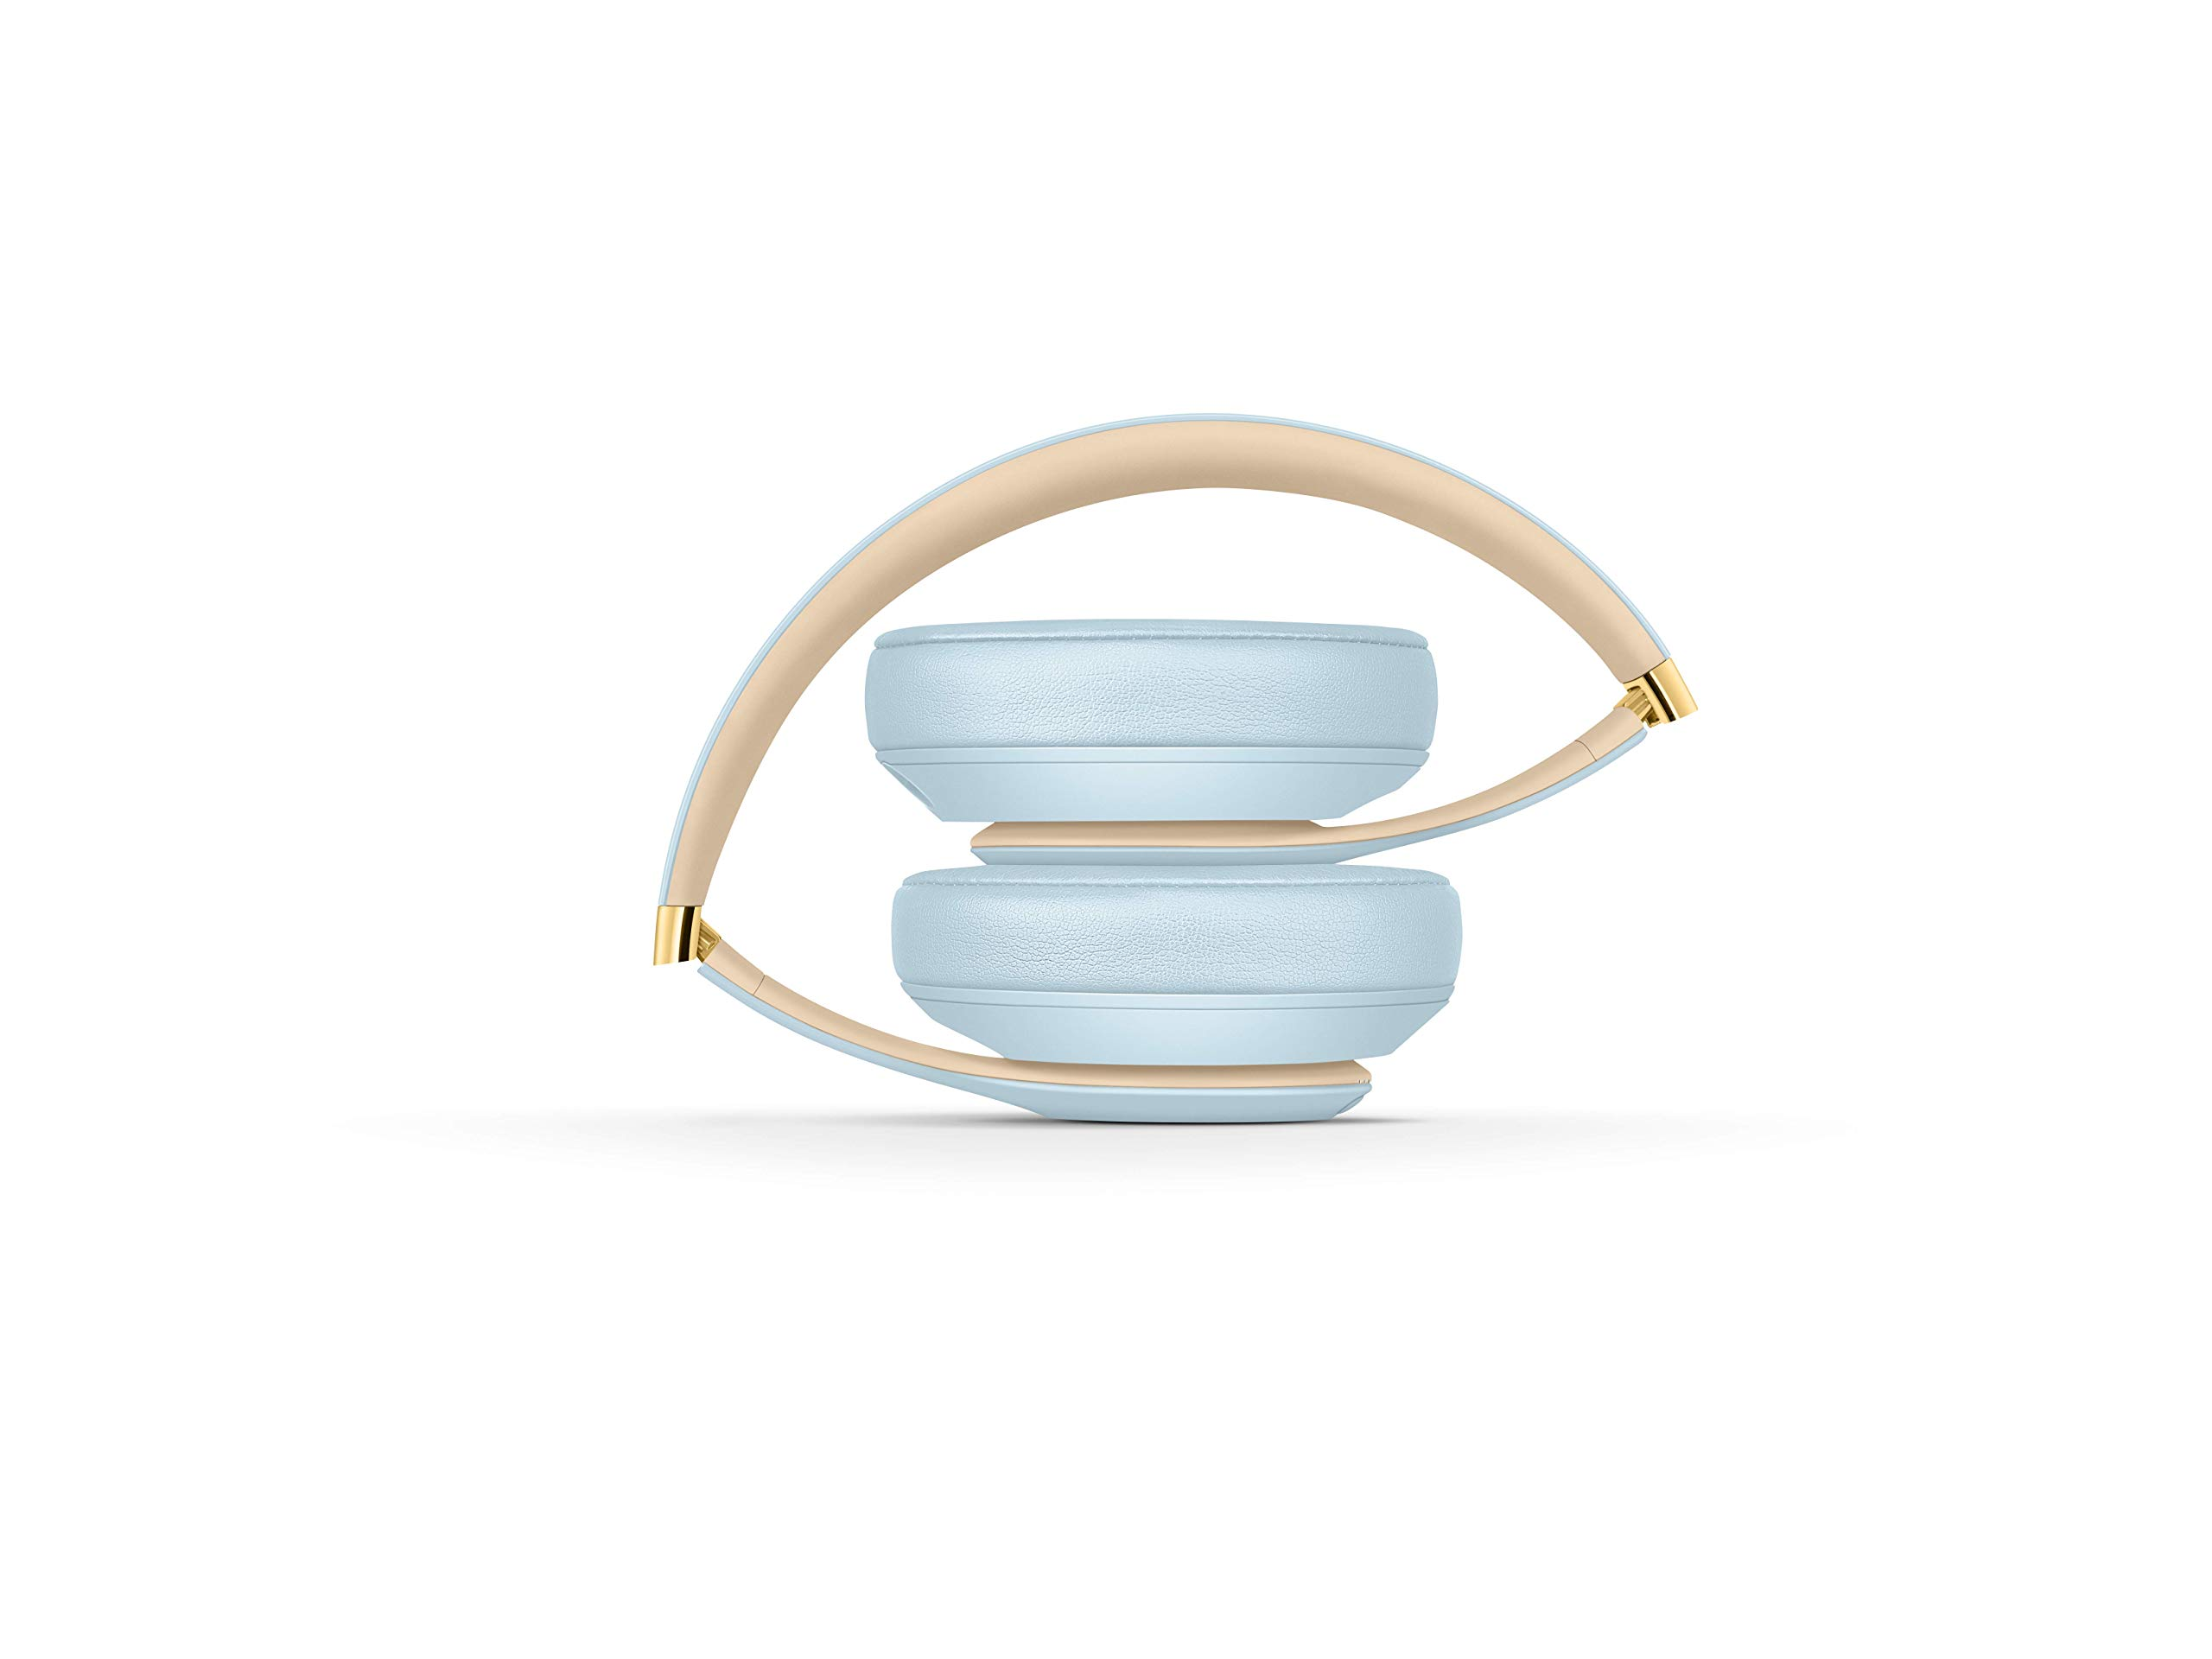 BeatsStudio3Over-EarBluetooth Kopfhörer mit Noise-Cancelling– AppleW1Chip, Bluetooth der Klasse1, aktives Noise-Cancelling, 22Stunden Wiedergabe– Eisblau